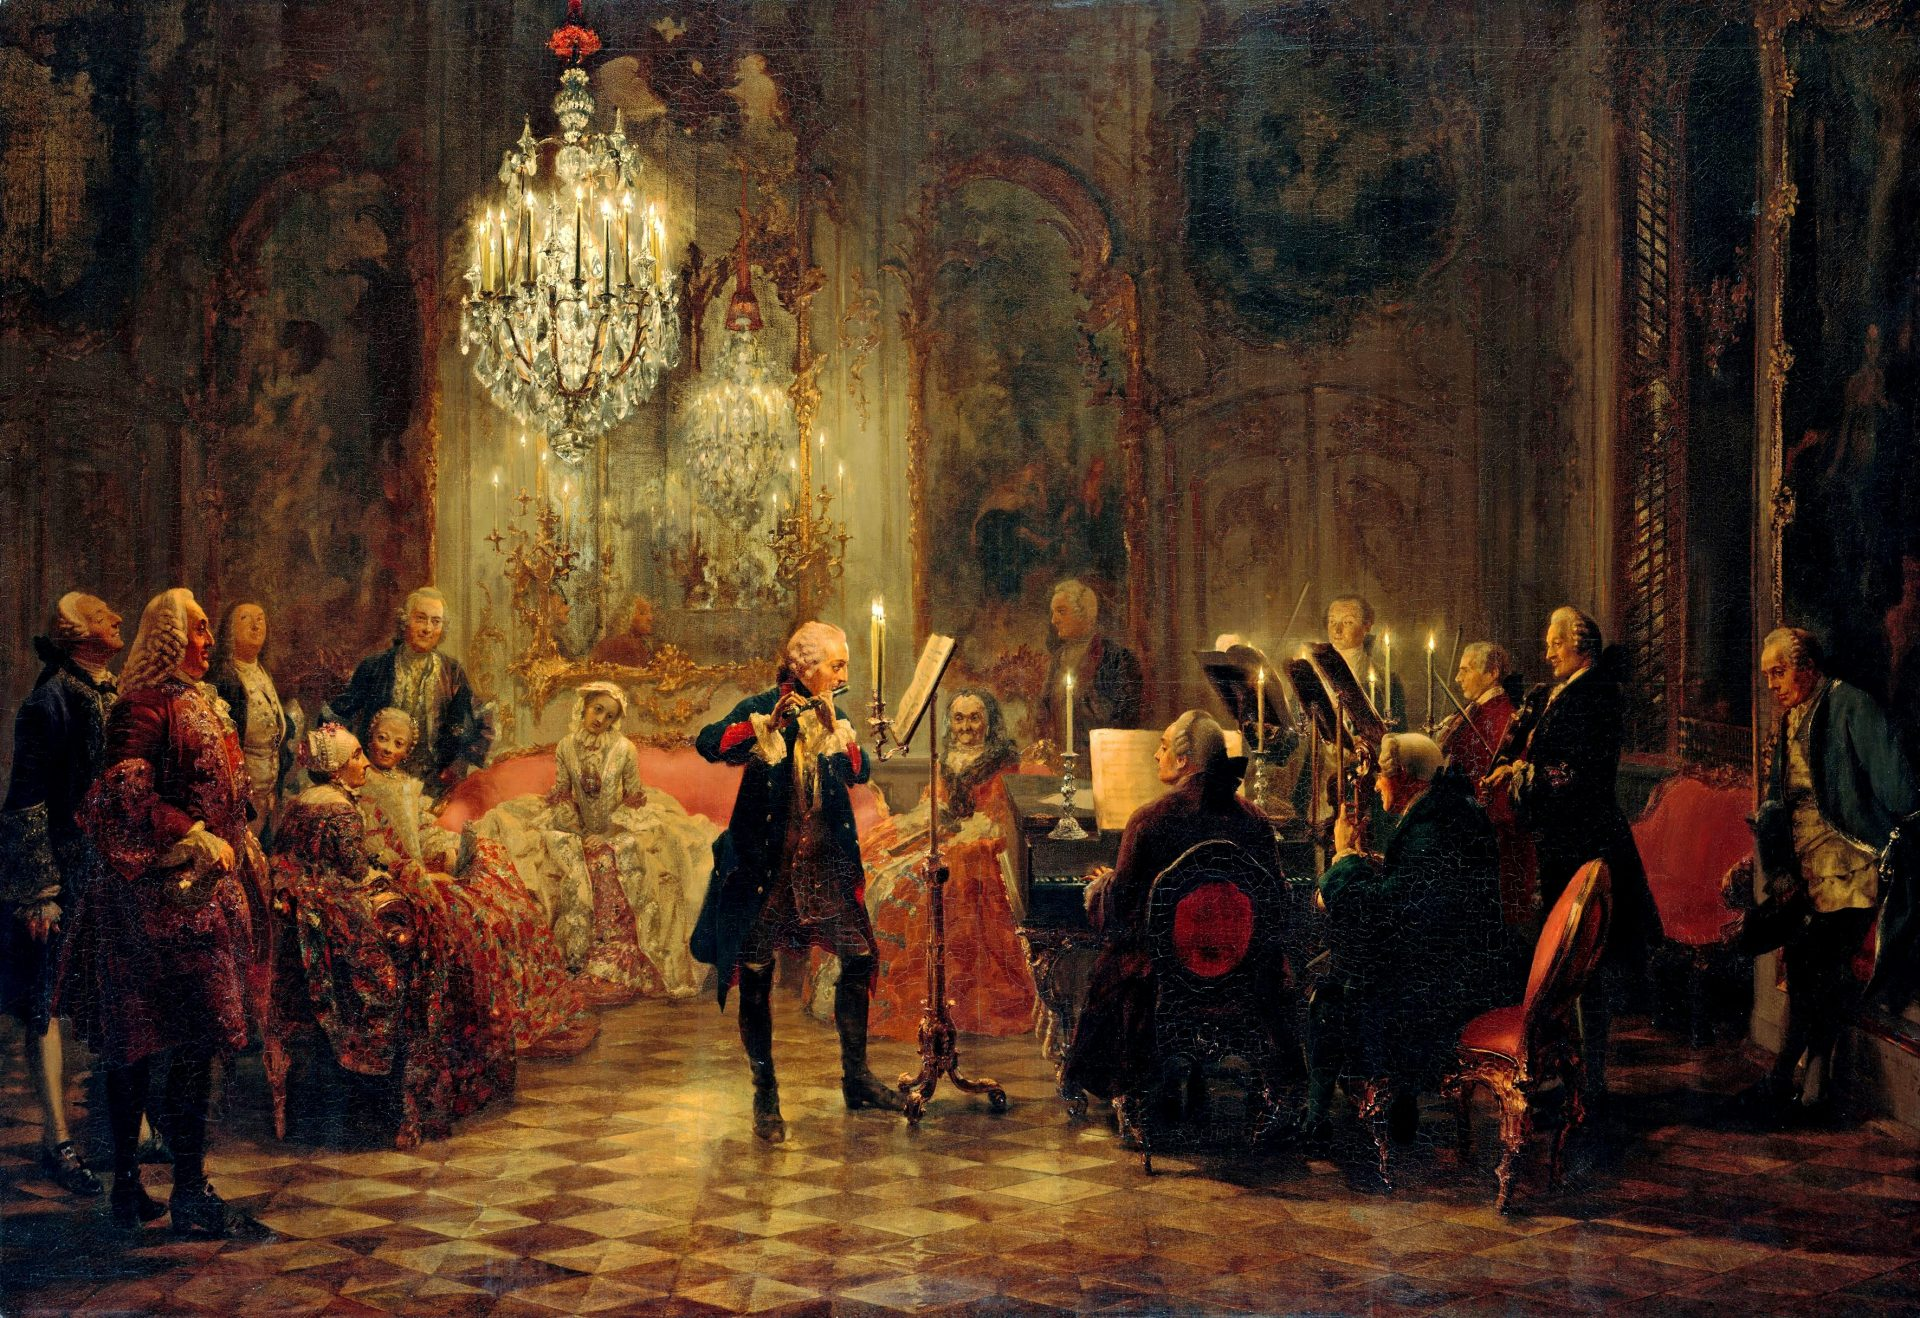 Osmanlı Avrupalı Müzisyenler Osmanlı Musikisi Marşları Ve Müzikleri. Osmanlı Saray Klasik Batı Müziği. Sanatçı Ve Müzisyenler